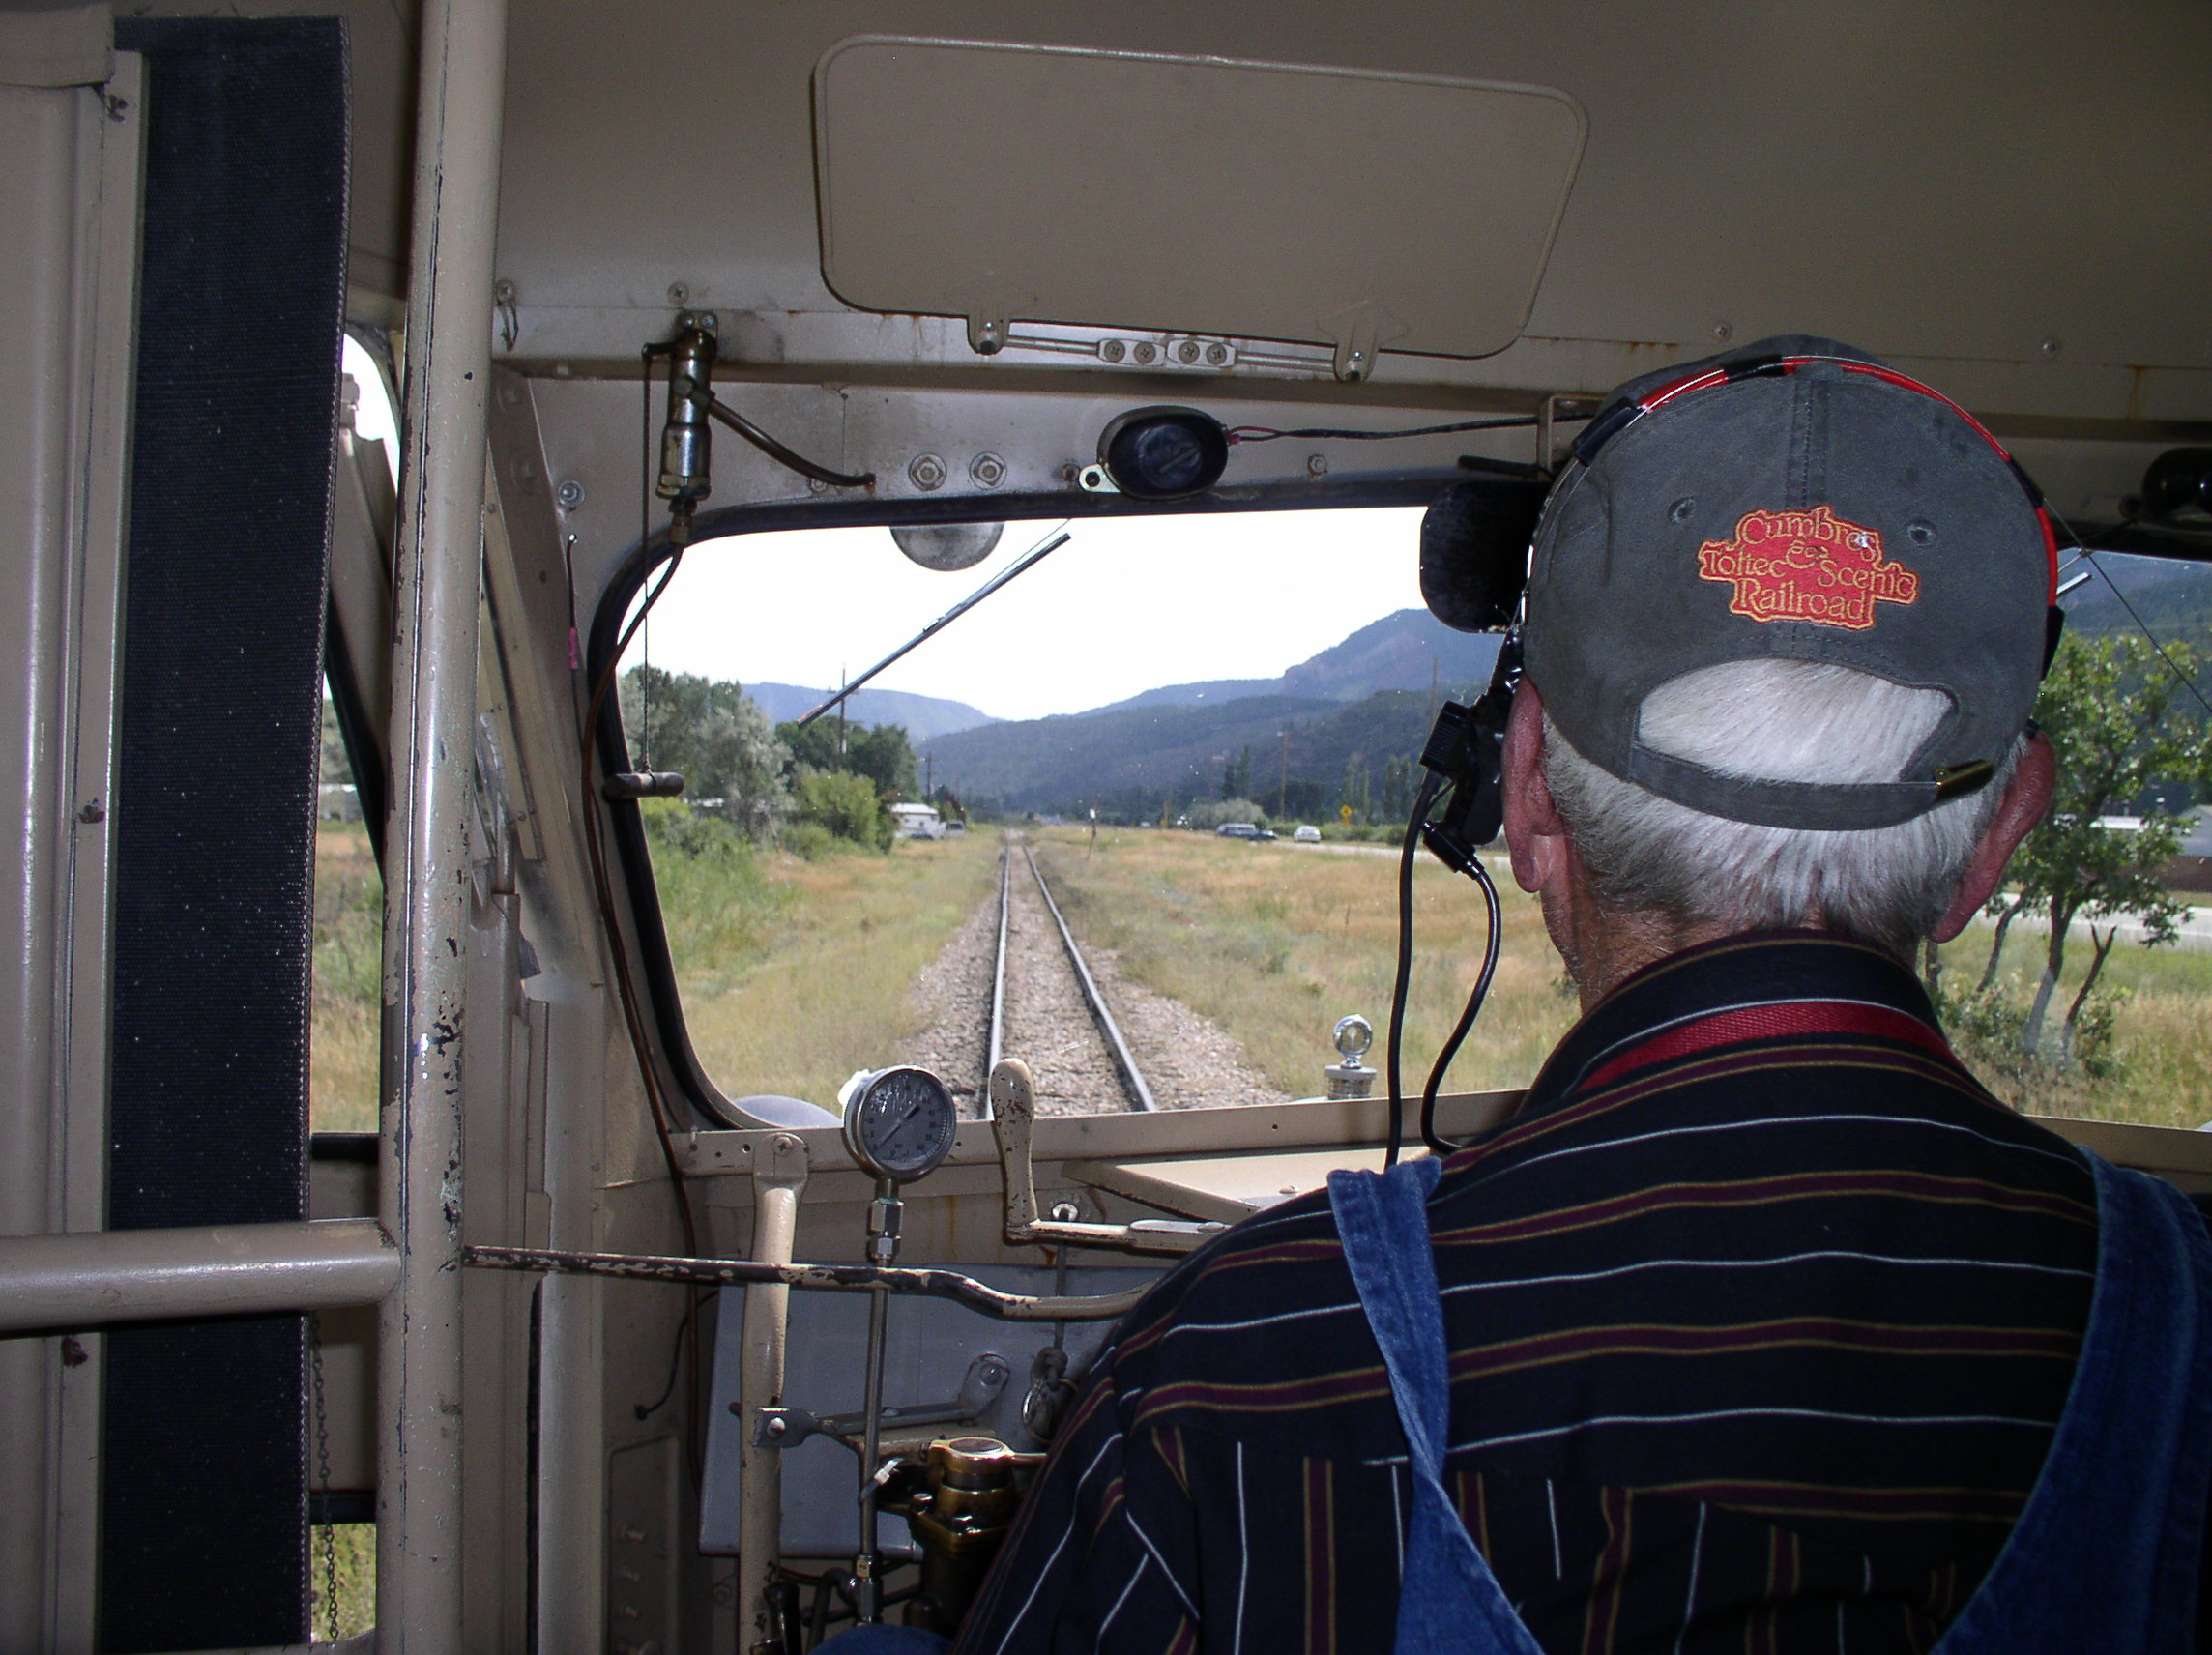 Southbound in Animas Valley - Railfest 2009